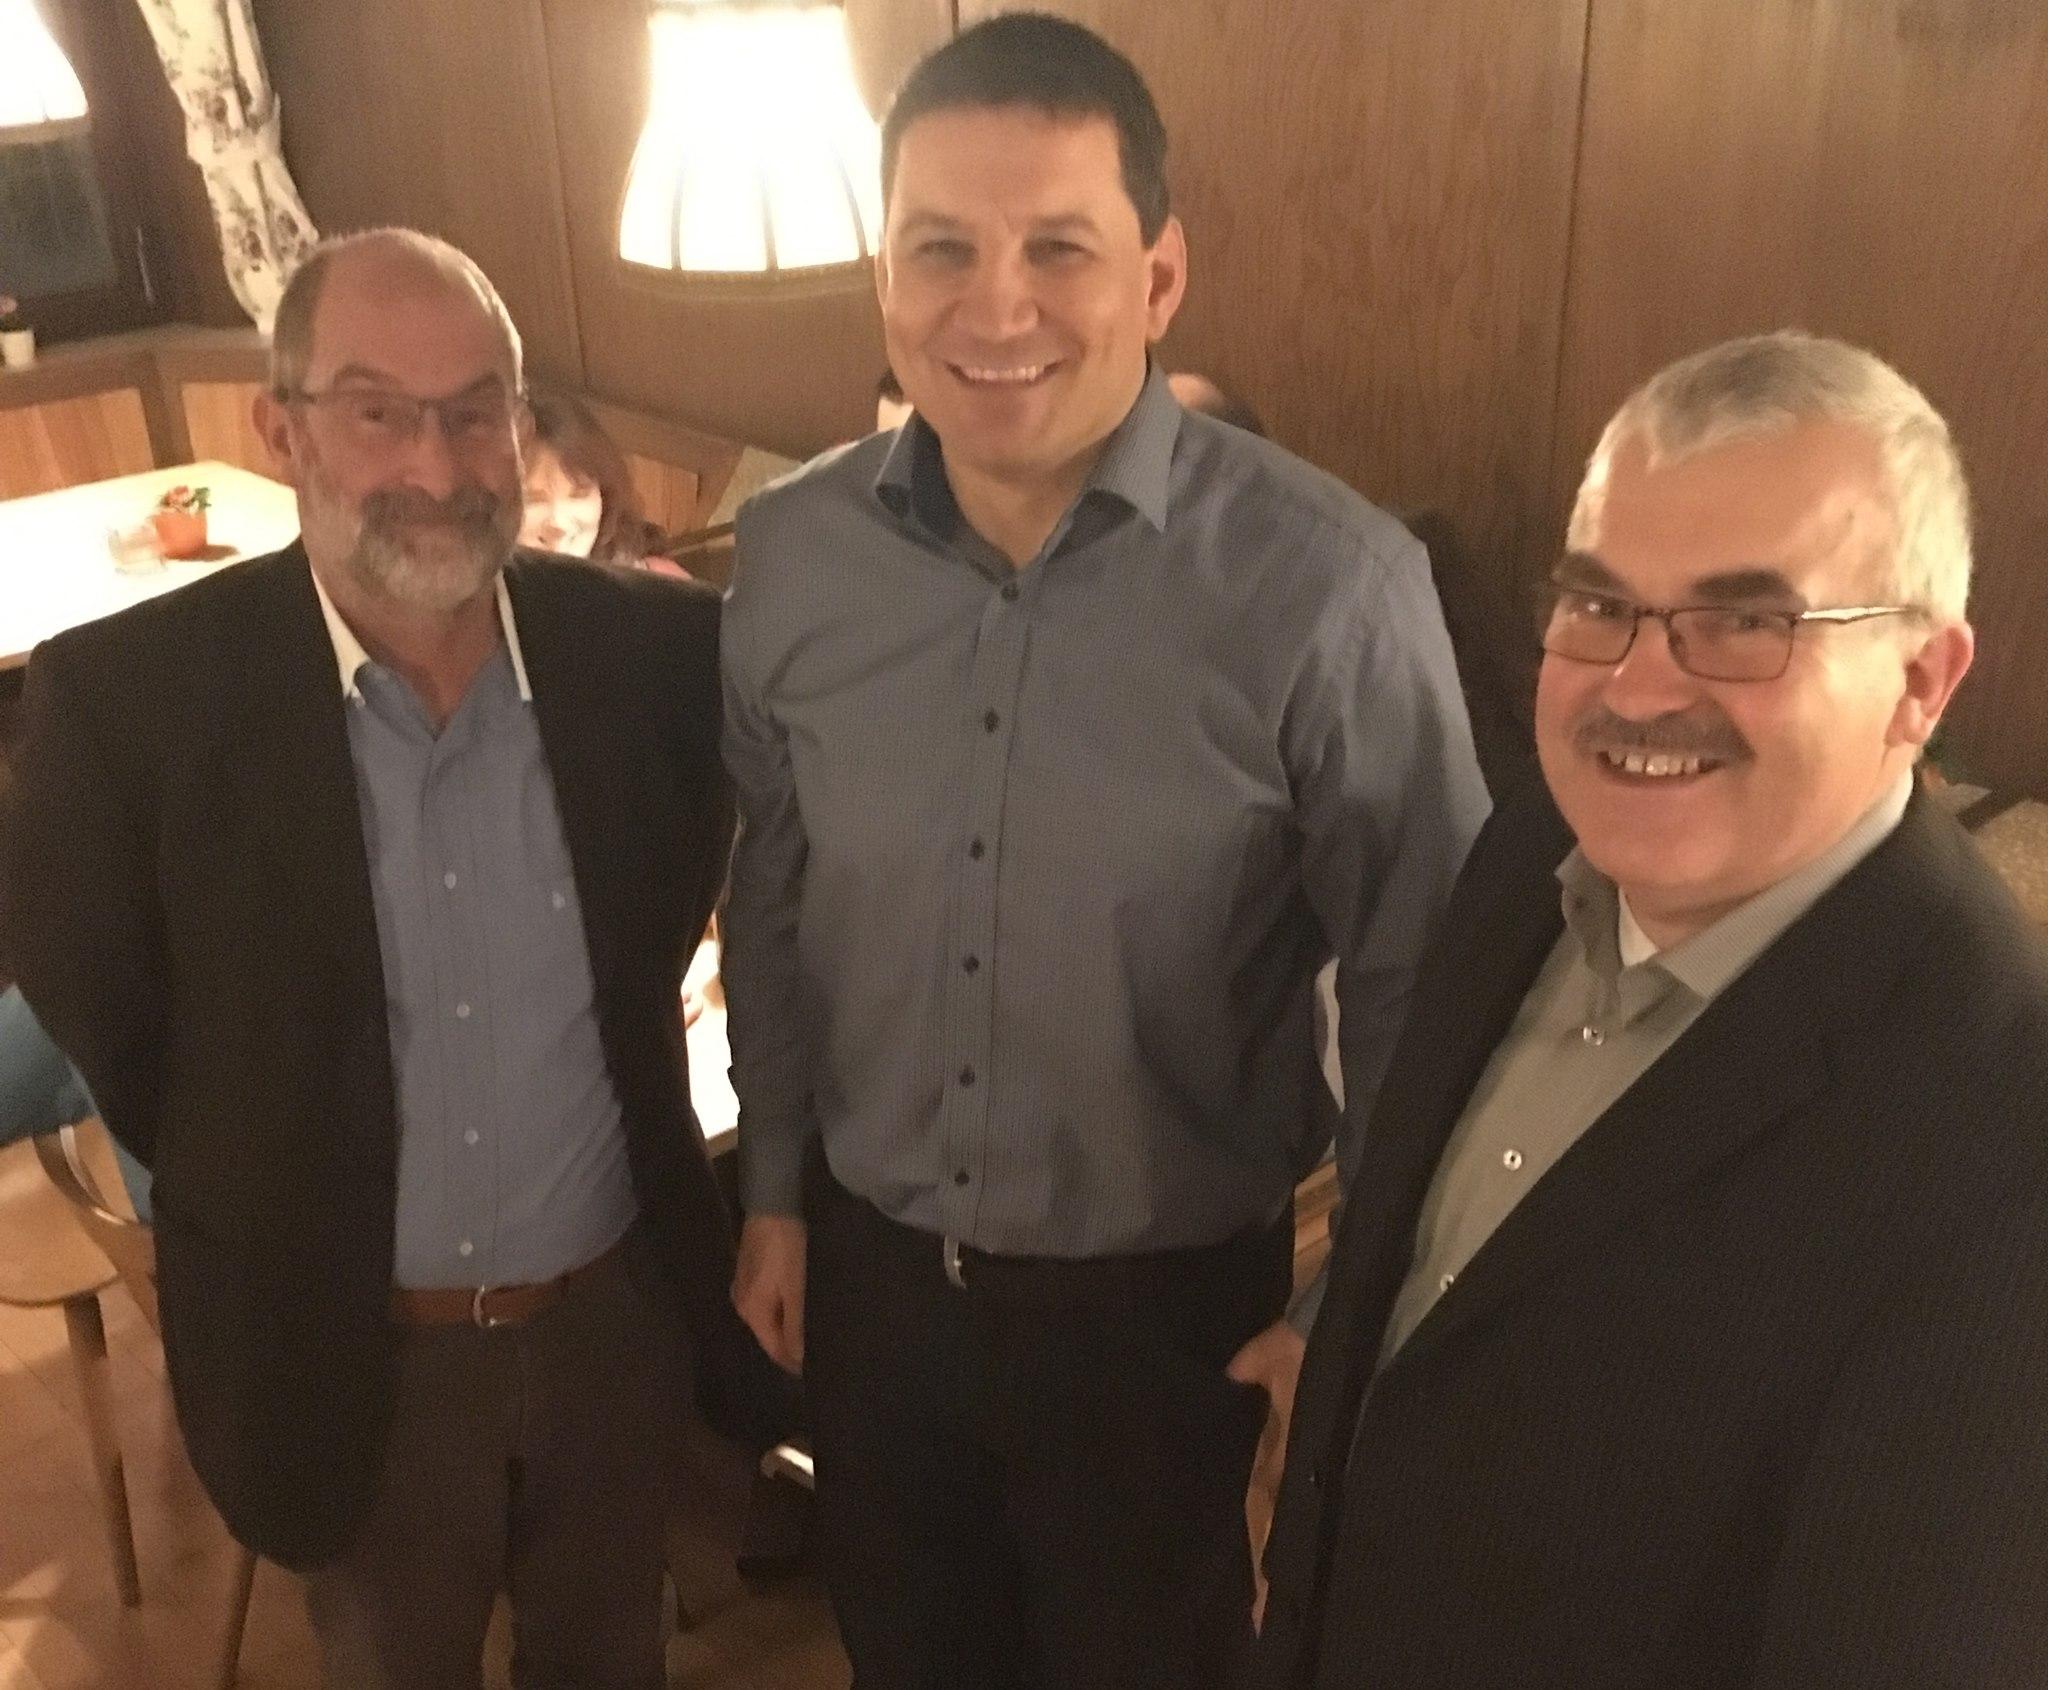 Die Marktgemeinderäte der aktiven ödp Roland Marold und Alfred Holl mit dem Bürgermesiterkandidat Michael Sedelmayer in ihrer Mitte